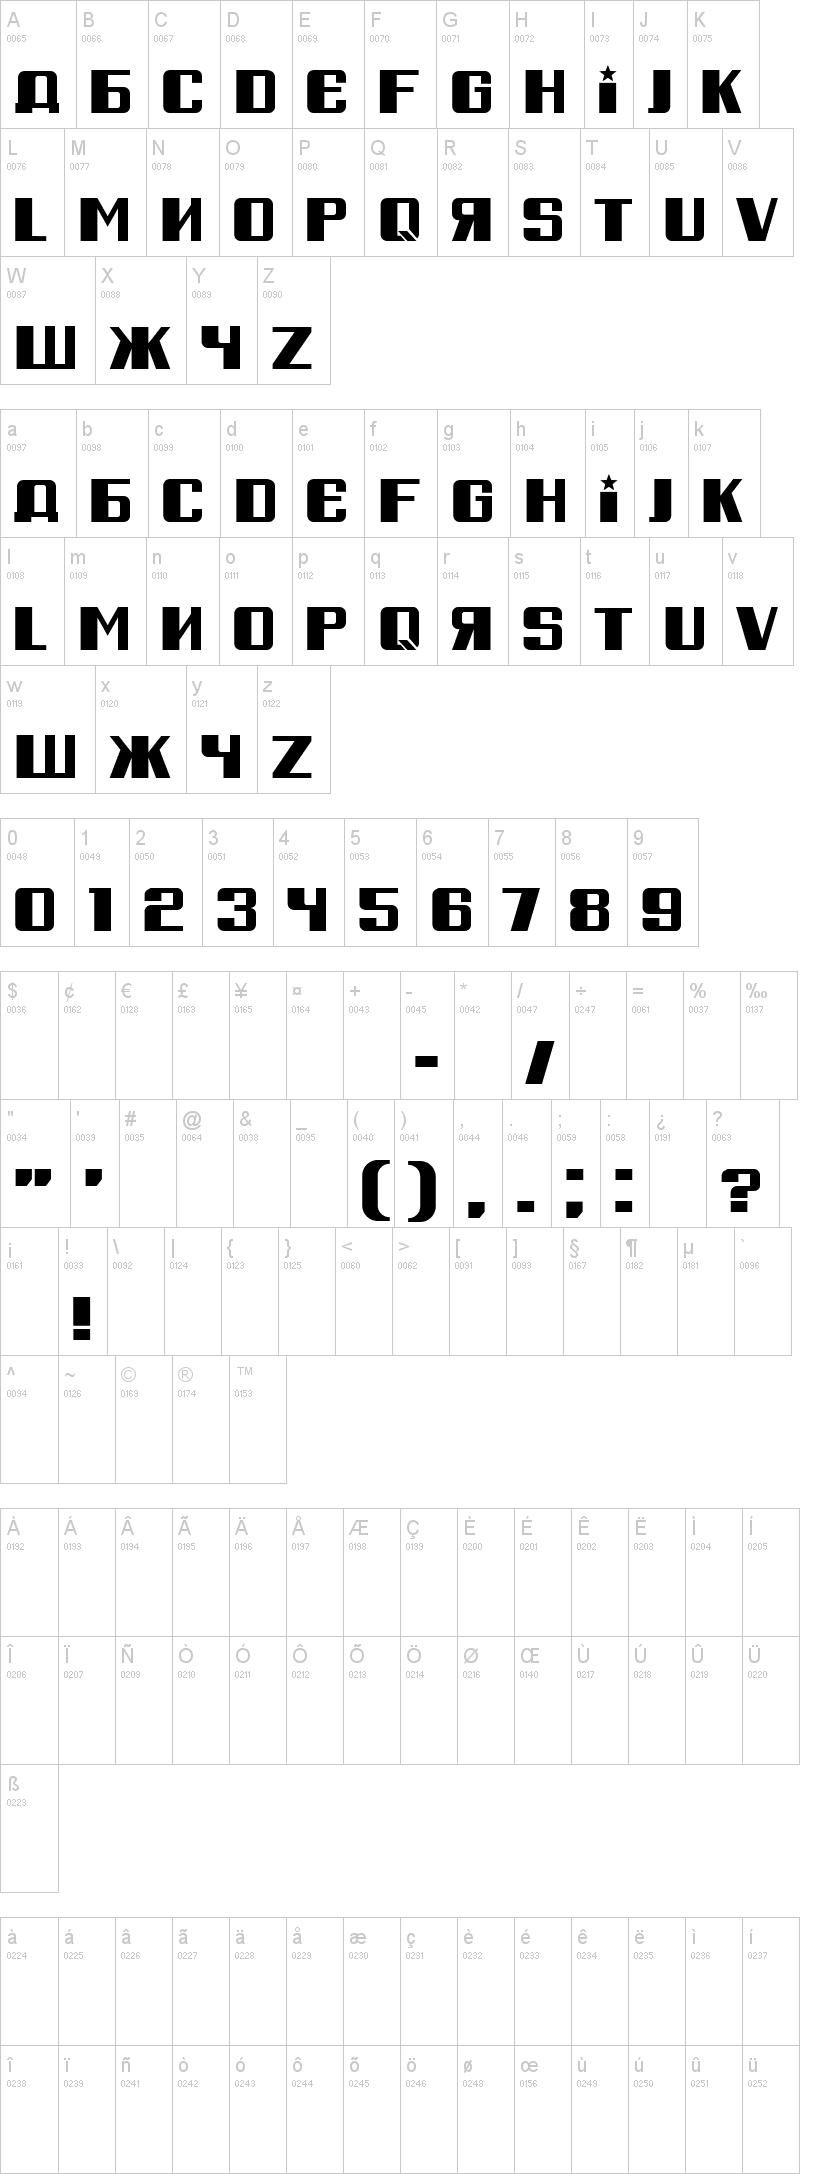 Russian Spring Font | dafont com